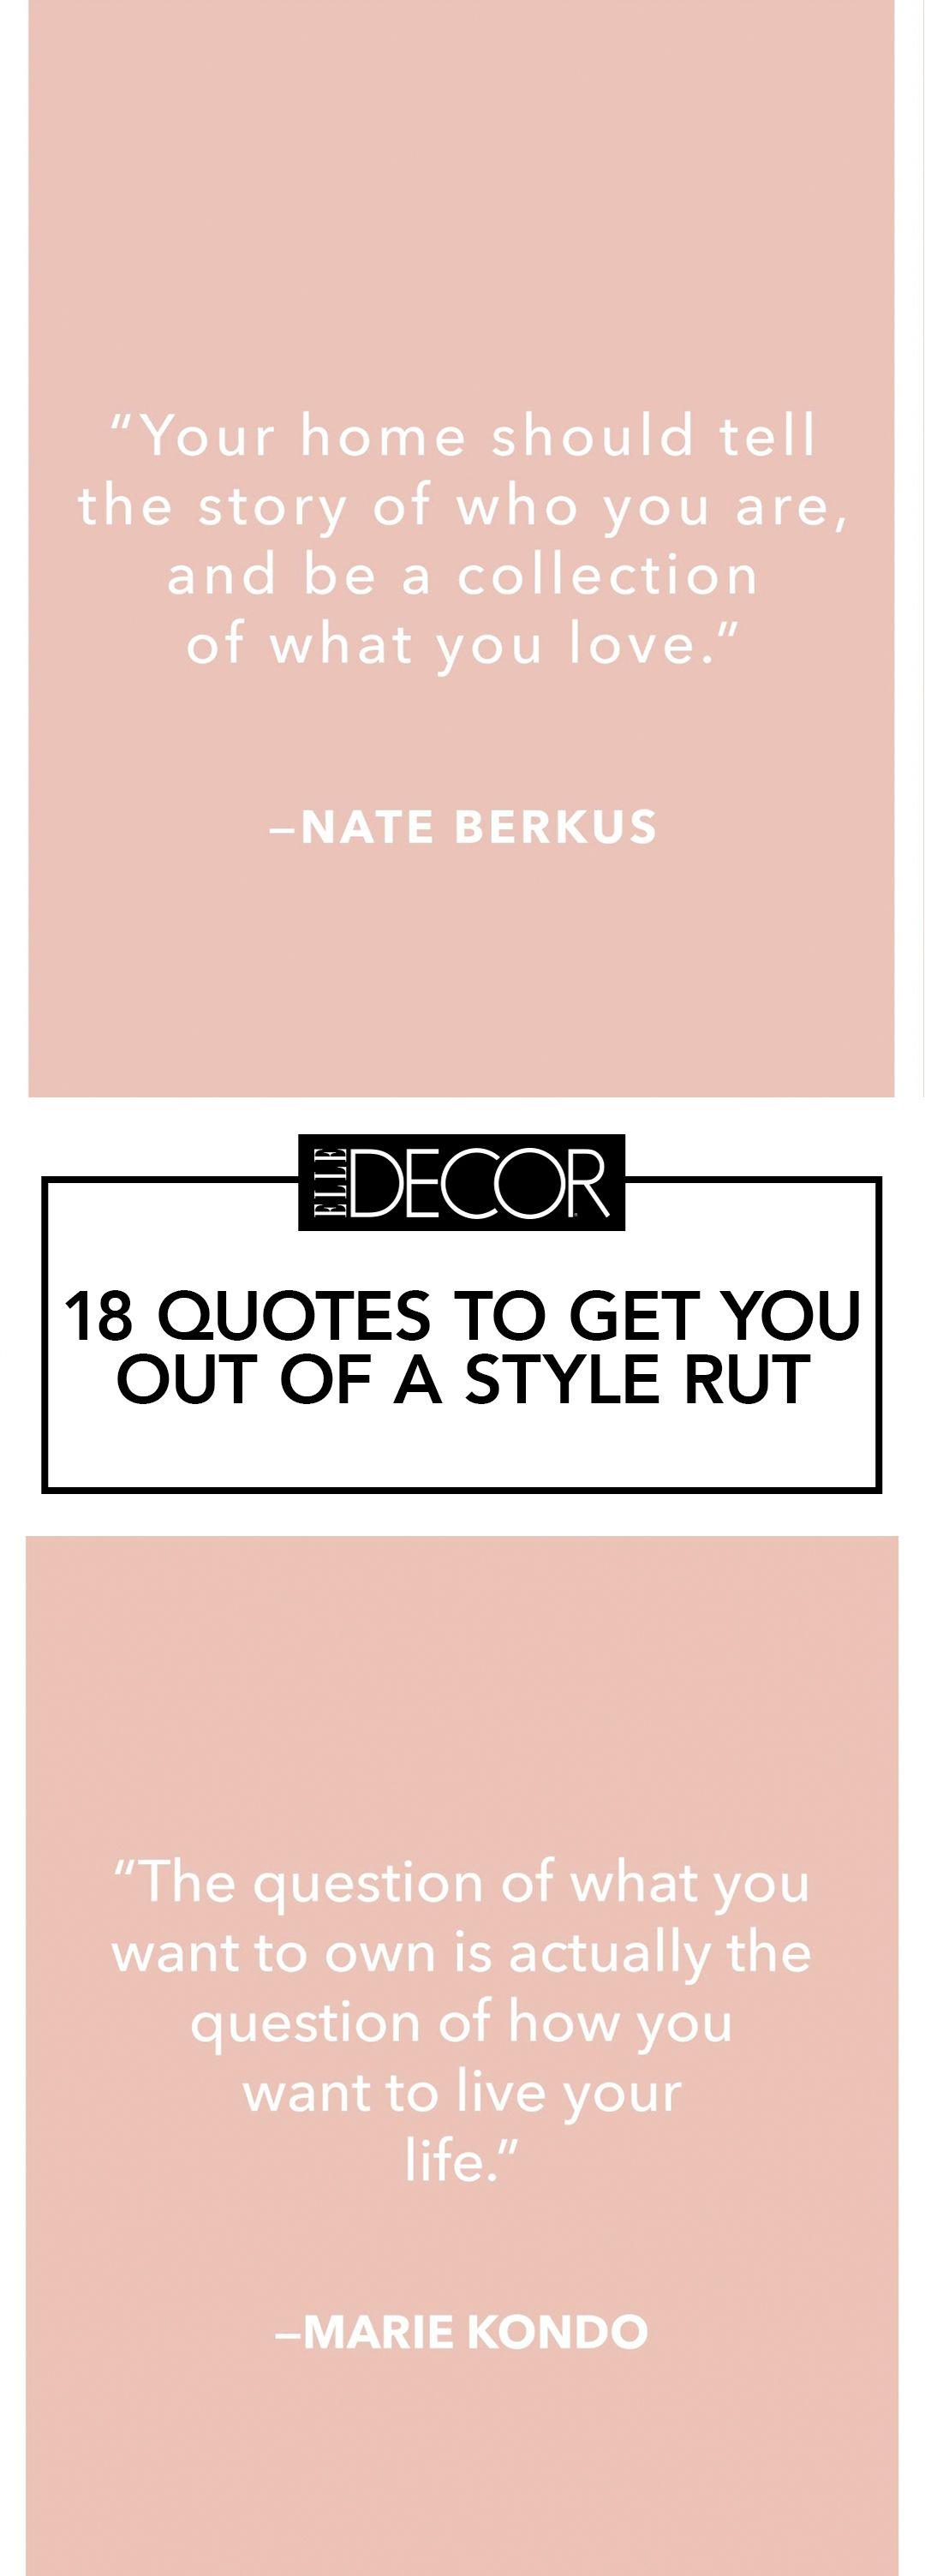 Quotes About Appreciating Life 18 Interior Design Inspiration Quotes  Top Interior Designers